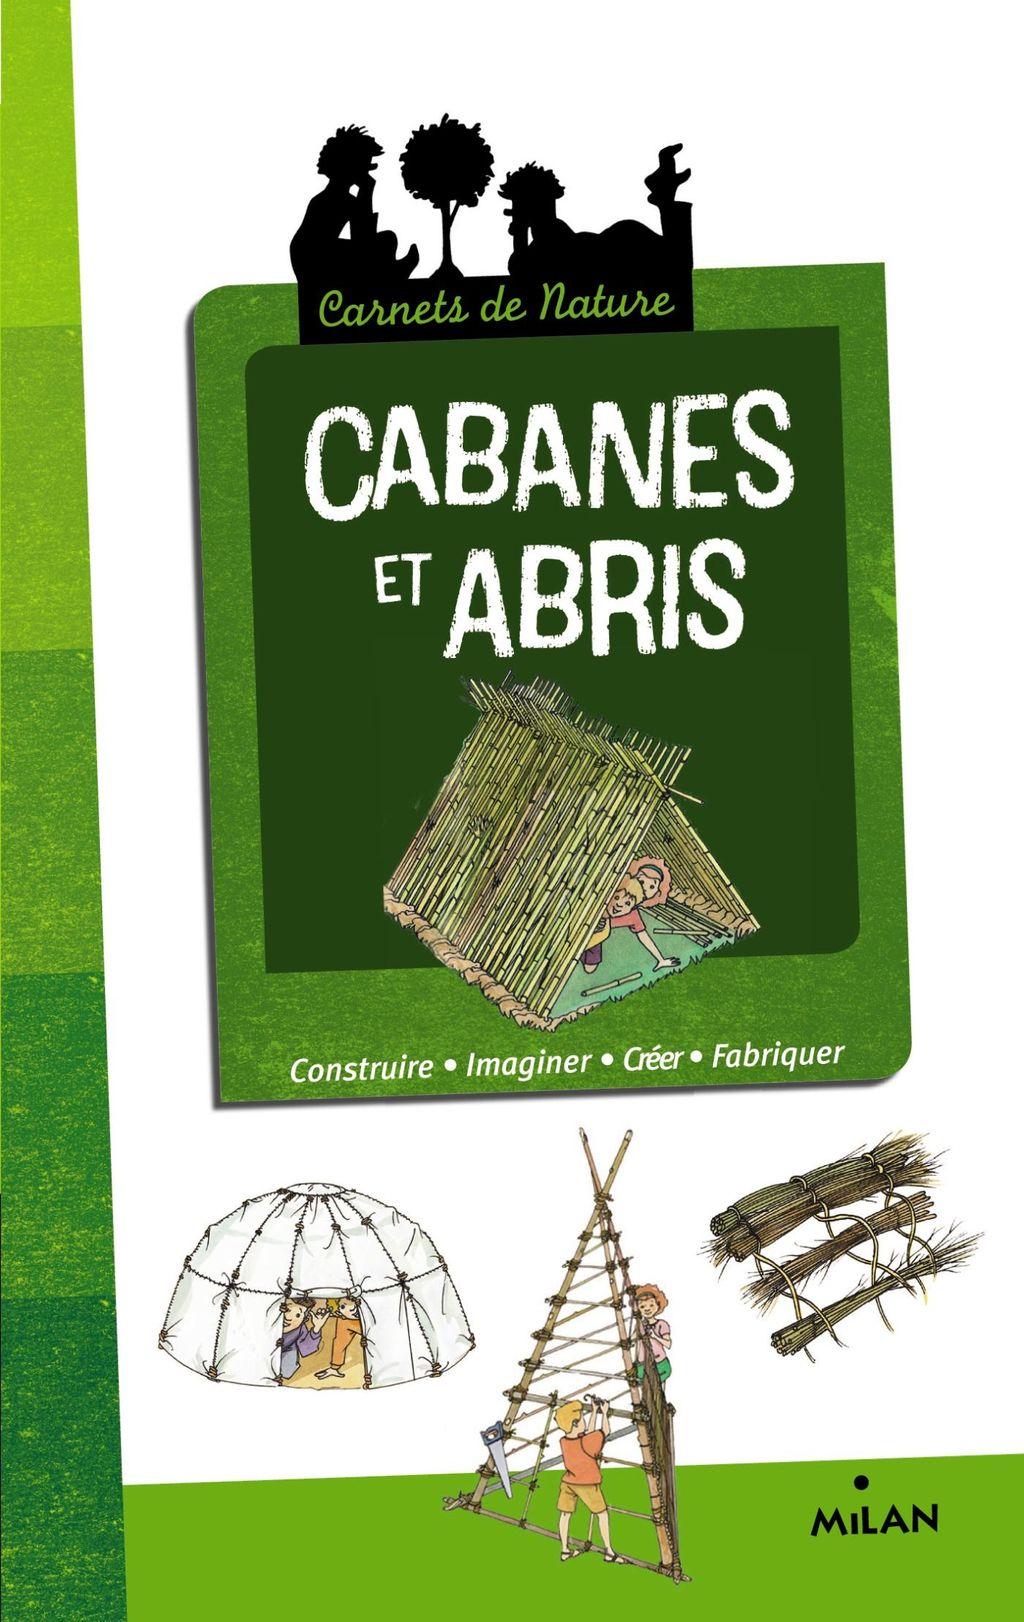 «Cabanes et abris» cover